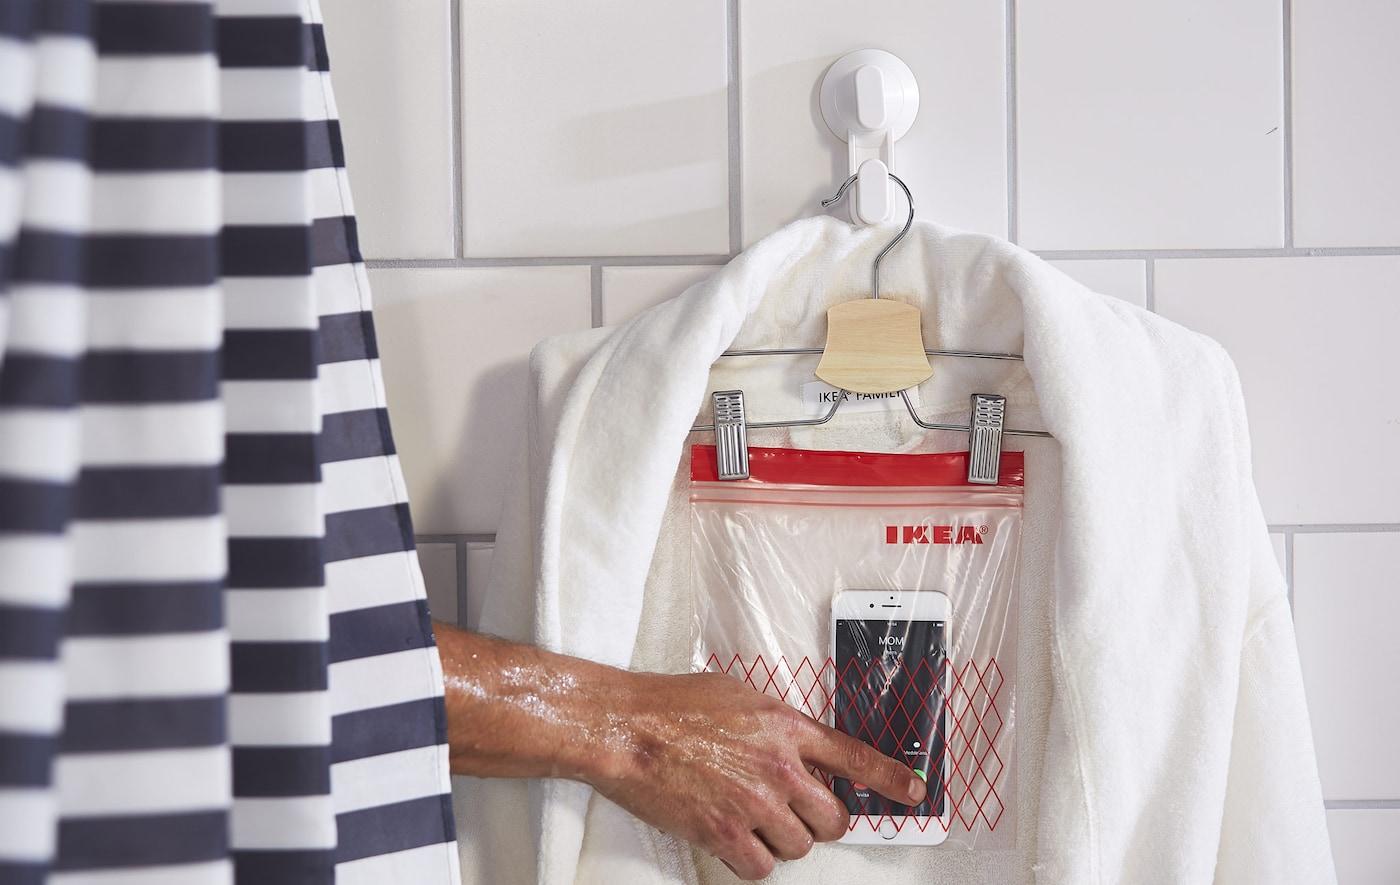 Du hättest gern im Bad einen Telefonhalter? Der lässt sich wunderbar mit IKEA Produkten wie BUMERANG Rock-/Hosenbügel basteln. Dafür packst du dein Telefon in einen Kunststoffbeutel, verschließt diesen und befestigst ihn am Bügel. Dein Telefon ist jetzt vor Wasserdampf geschützt.